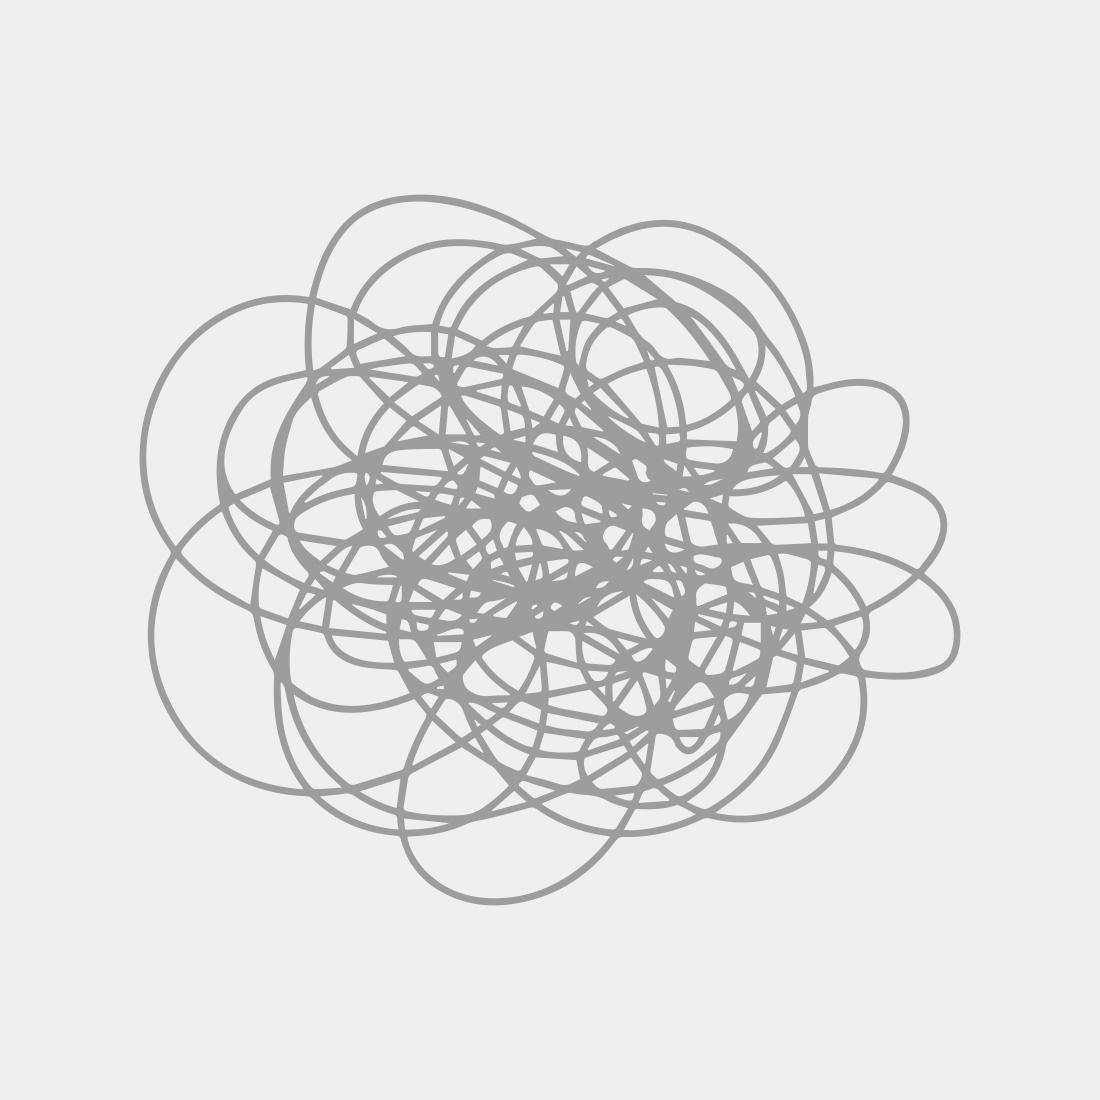 Gillian Ayres OBE RA 'Picclomini' Greetings Card